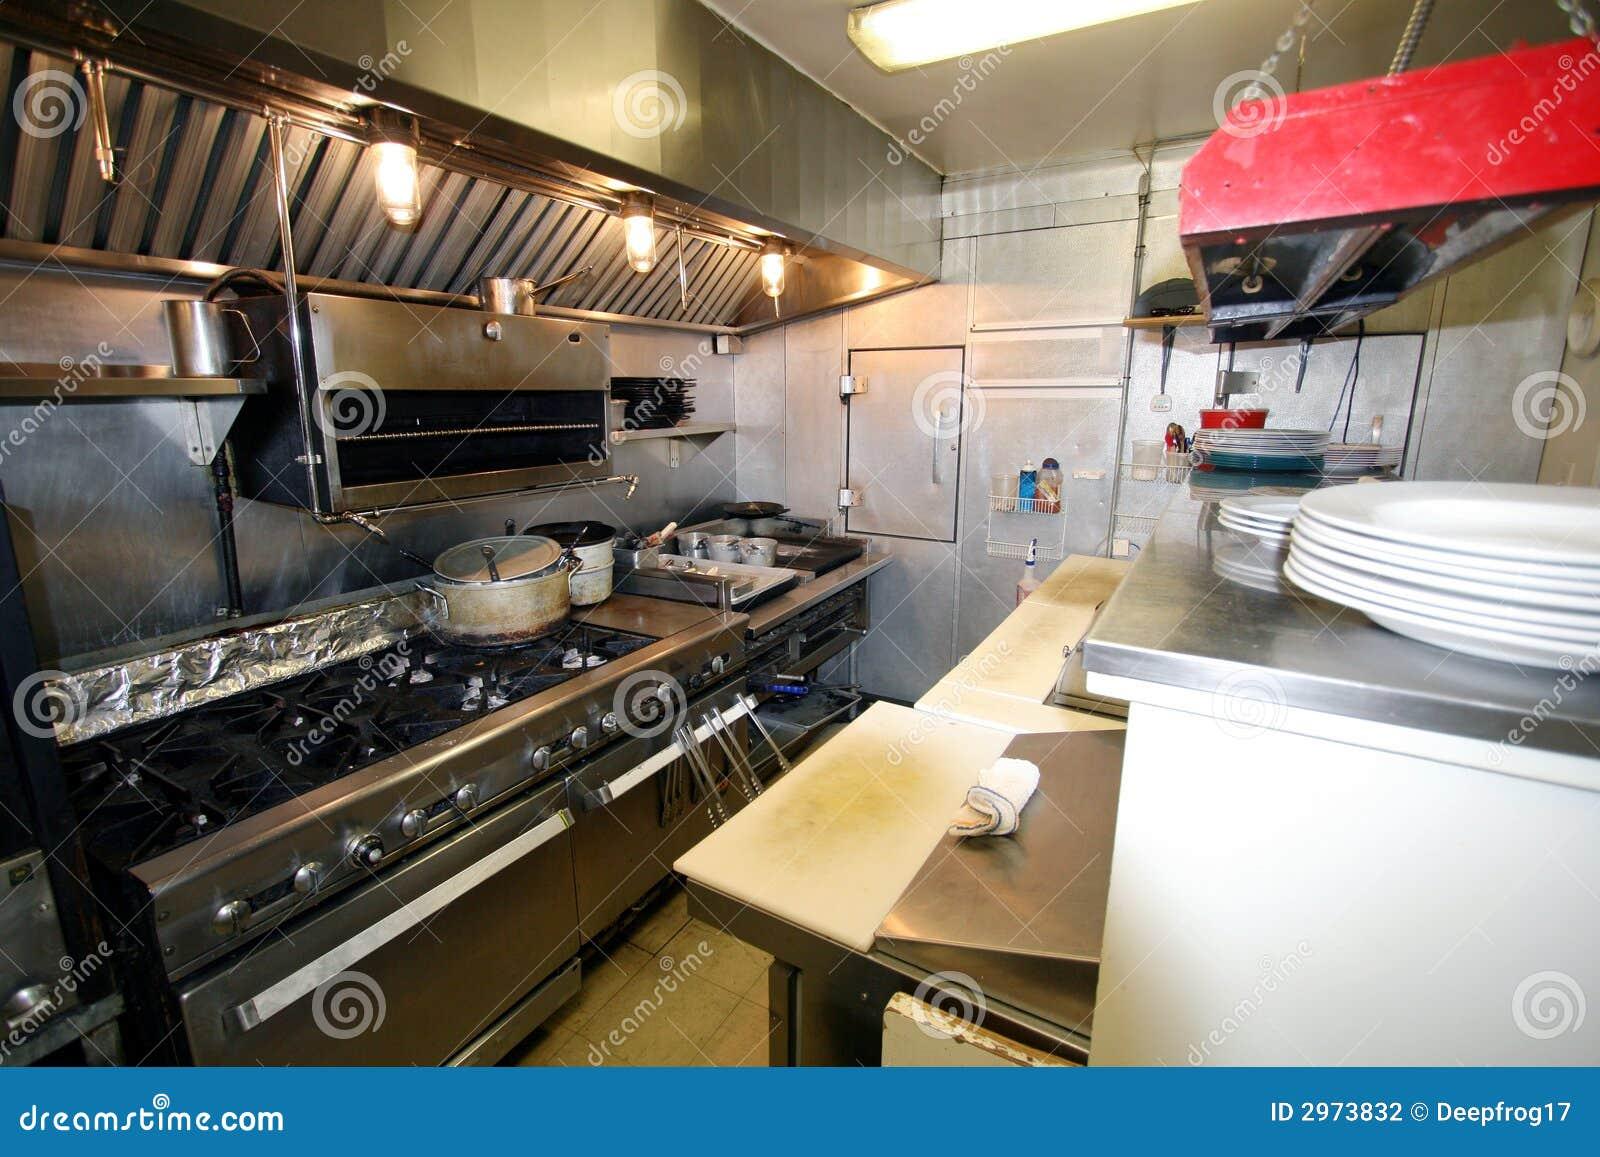 Petite Cuisine Dans Un Restaurant Photo Stock Image Du Carters